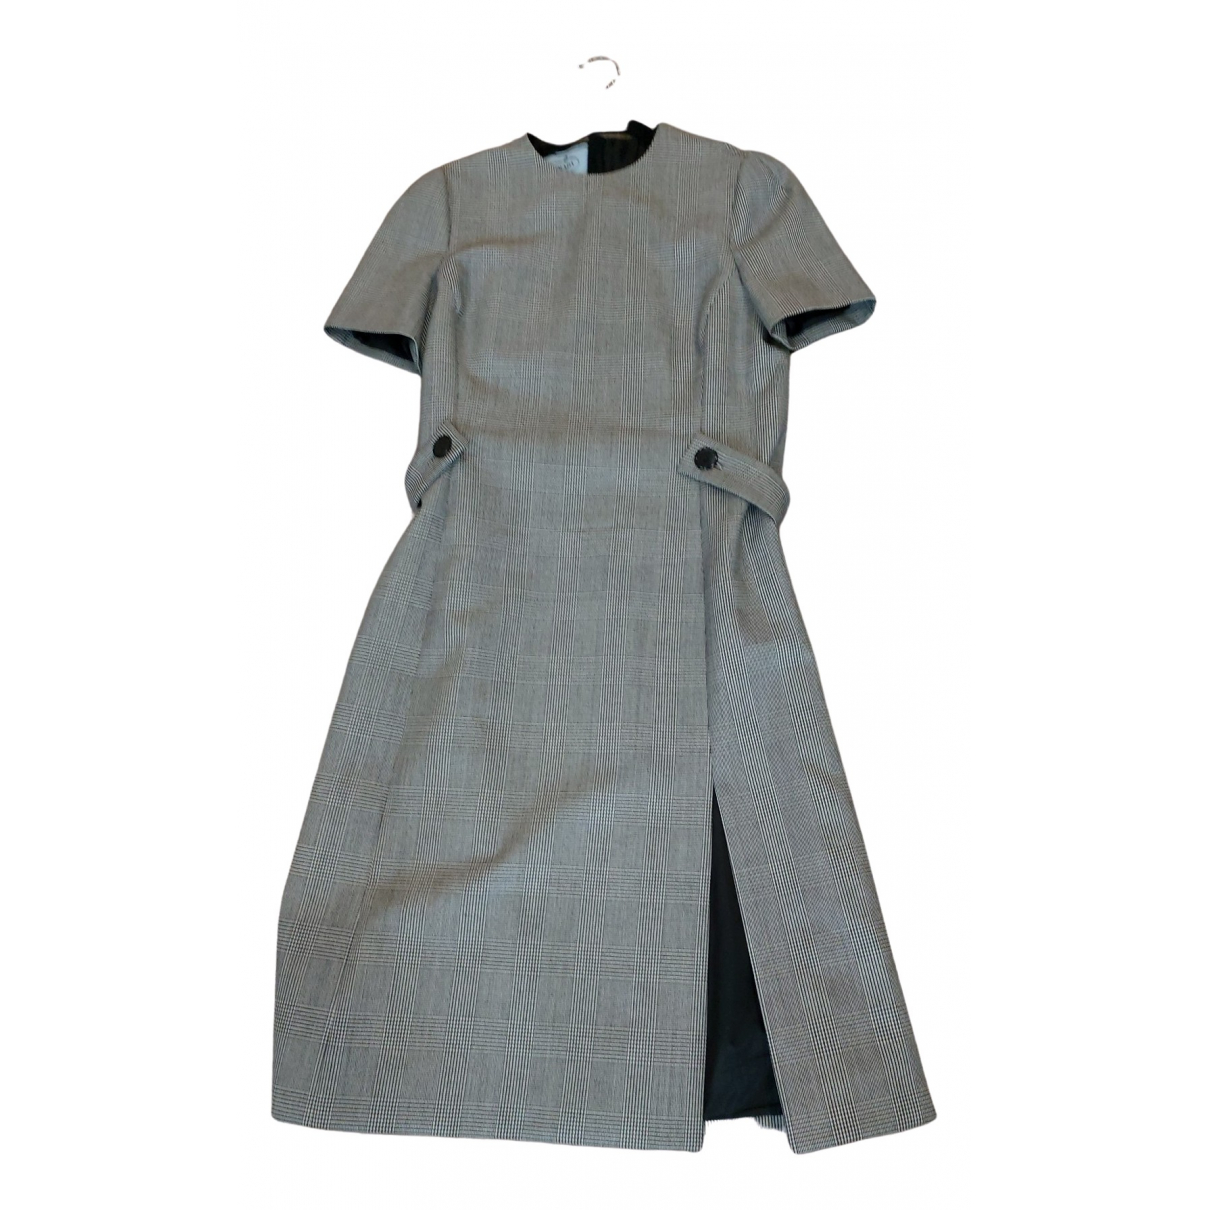 Prada \N Kleid in  Grau Wolle